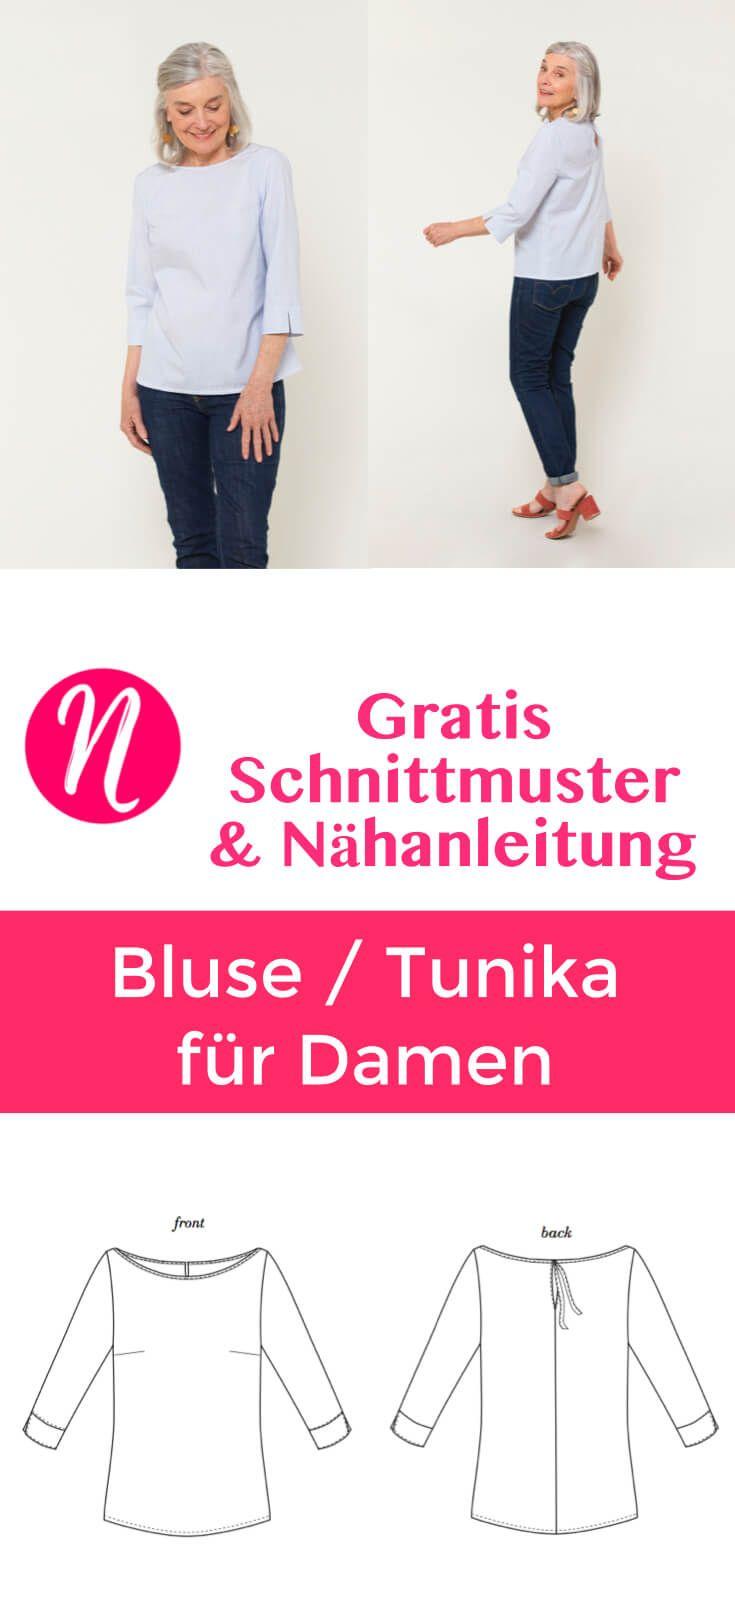 Hübsche Damenbluse - Freebook | Pinterest | Tuniken, Blusen und Magazin